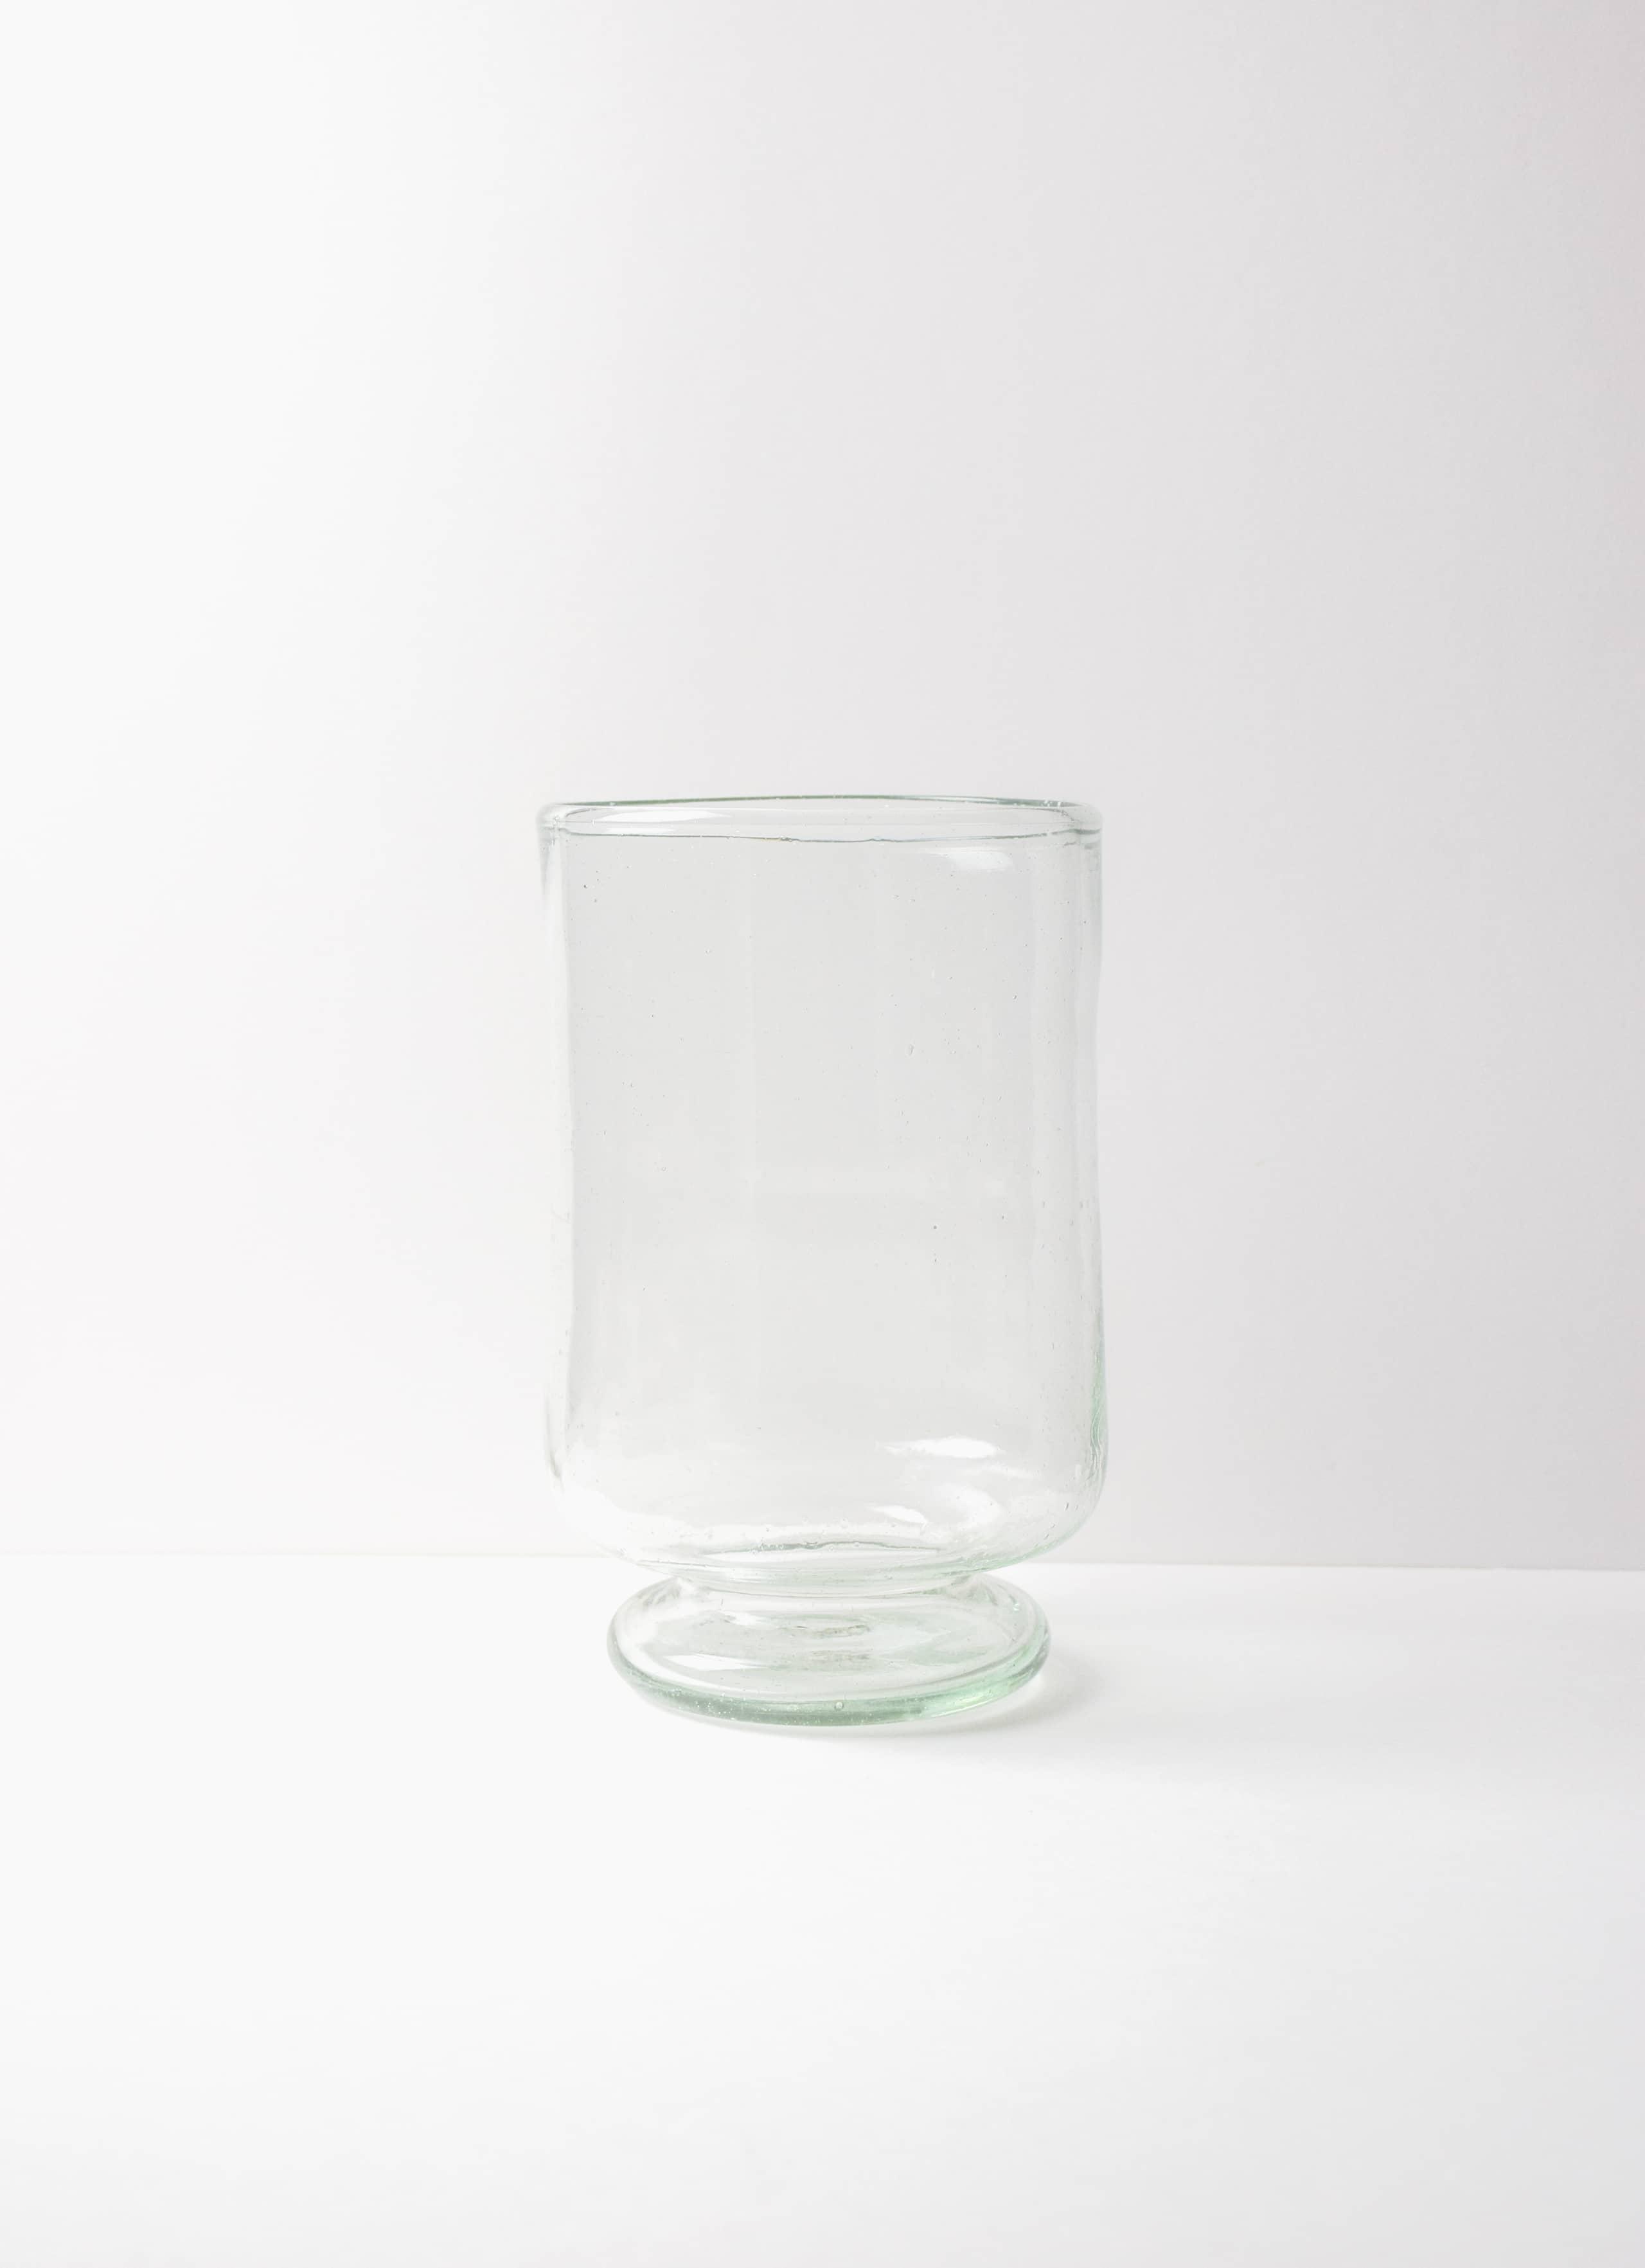 La Soufflerie - Pied Douche - Glass Vase - transparent